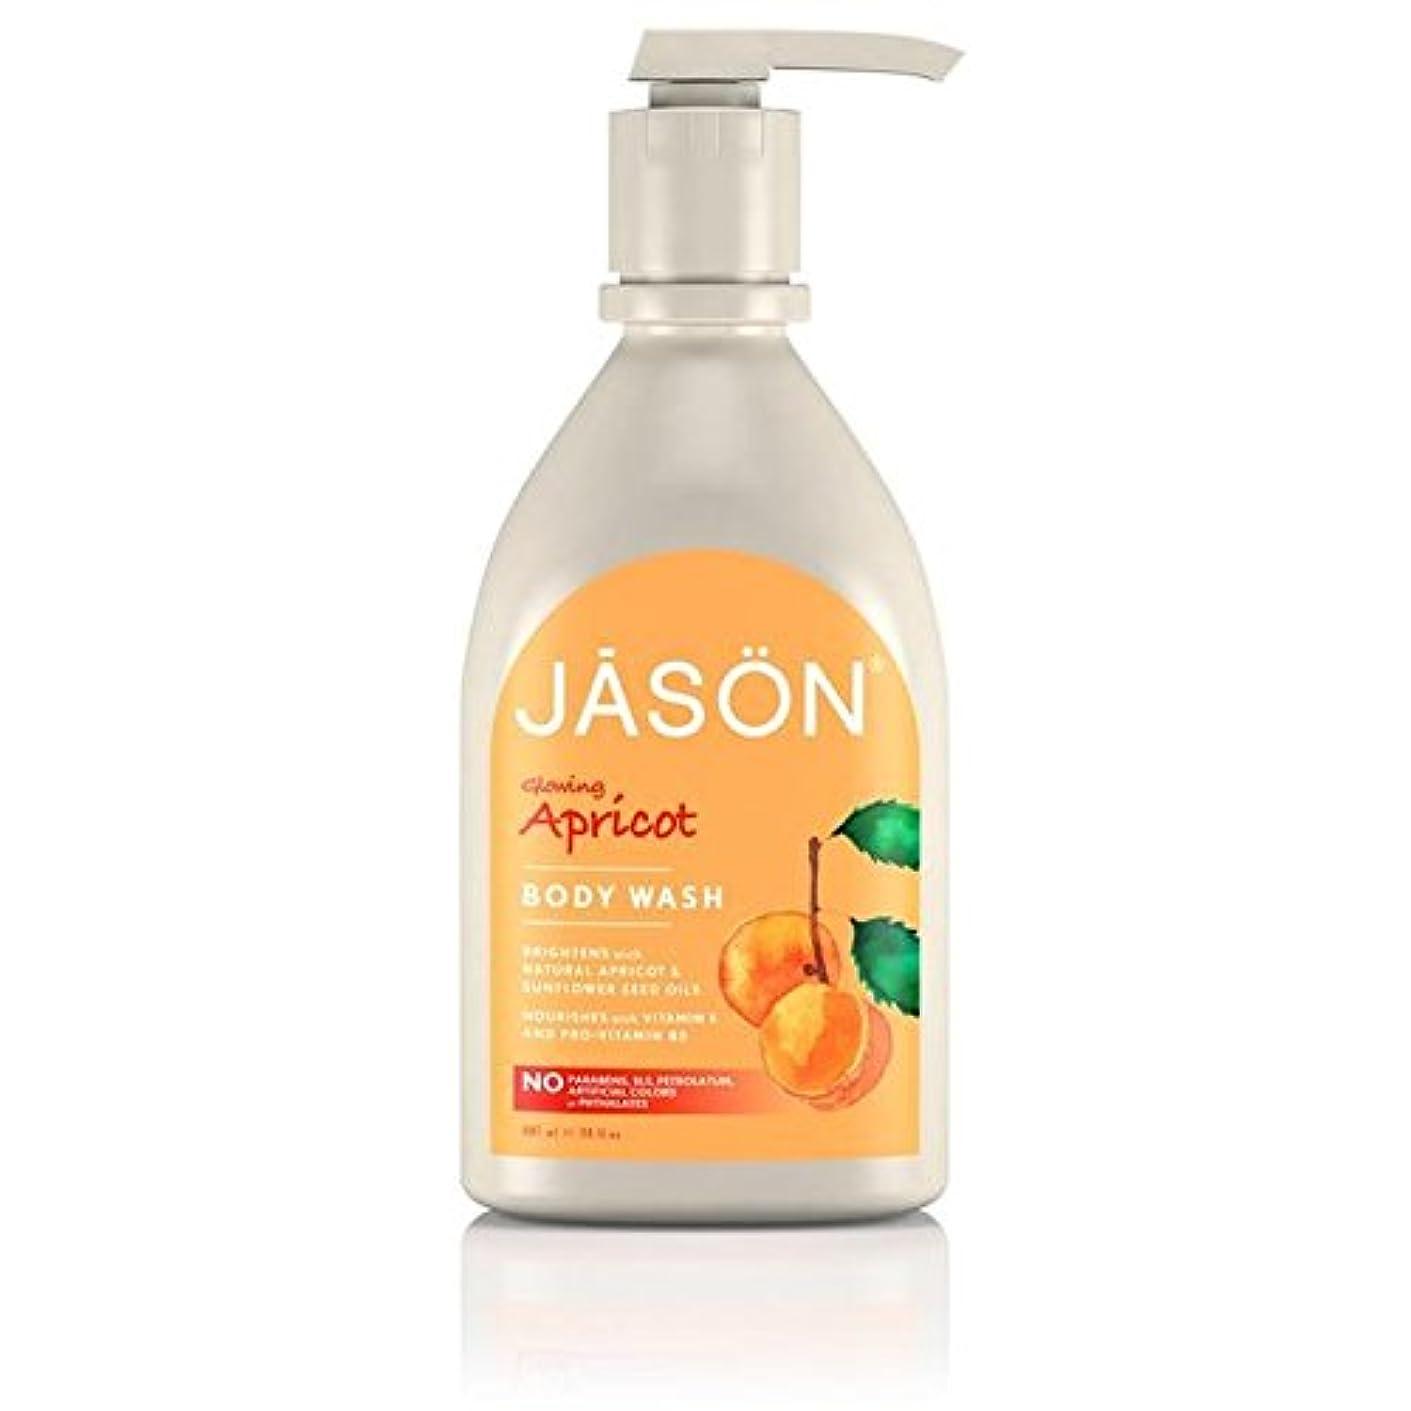 永遠のジョリーブリッジジェイソン?アプリコットサテンボディウォッシュポンプ900ミリリットル x4 - Jason Apricot Satin Body Wash Pump 900ml (Pack of 4) [並行輸入品]